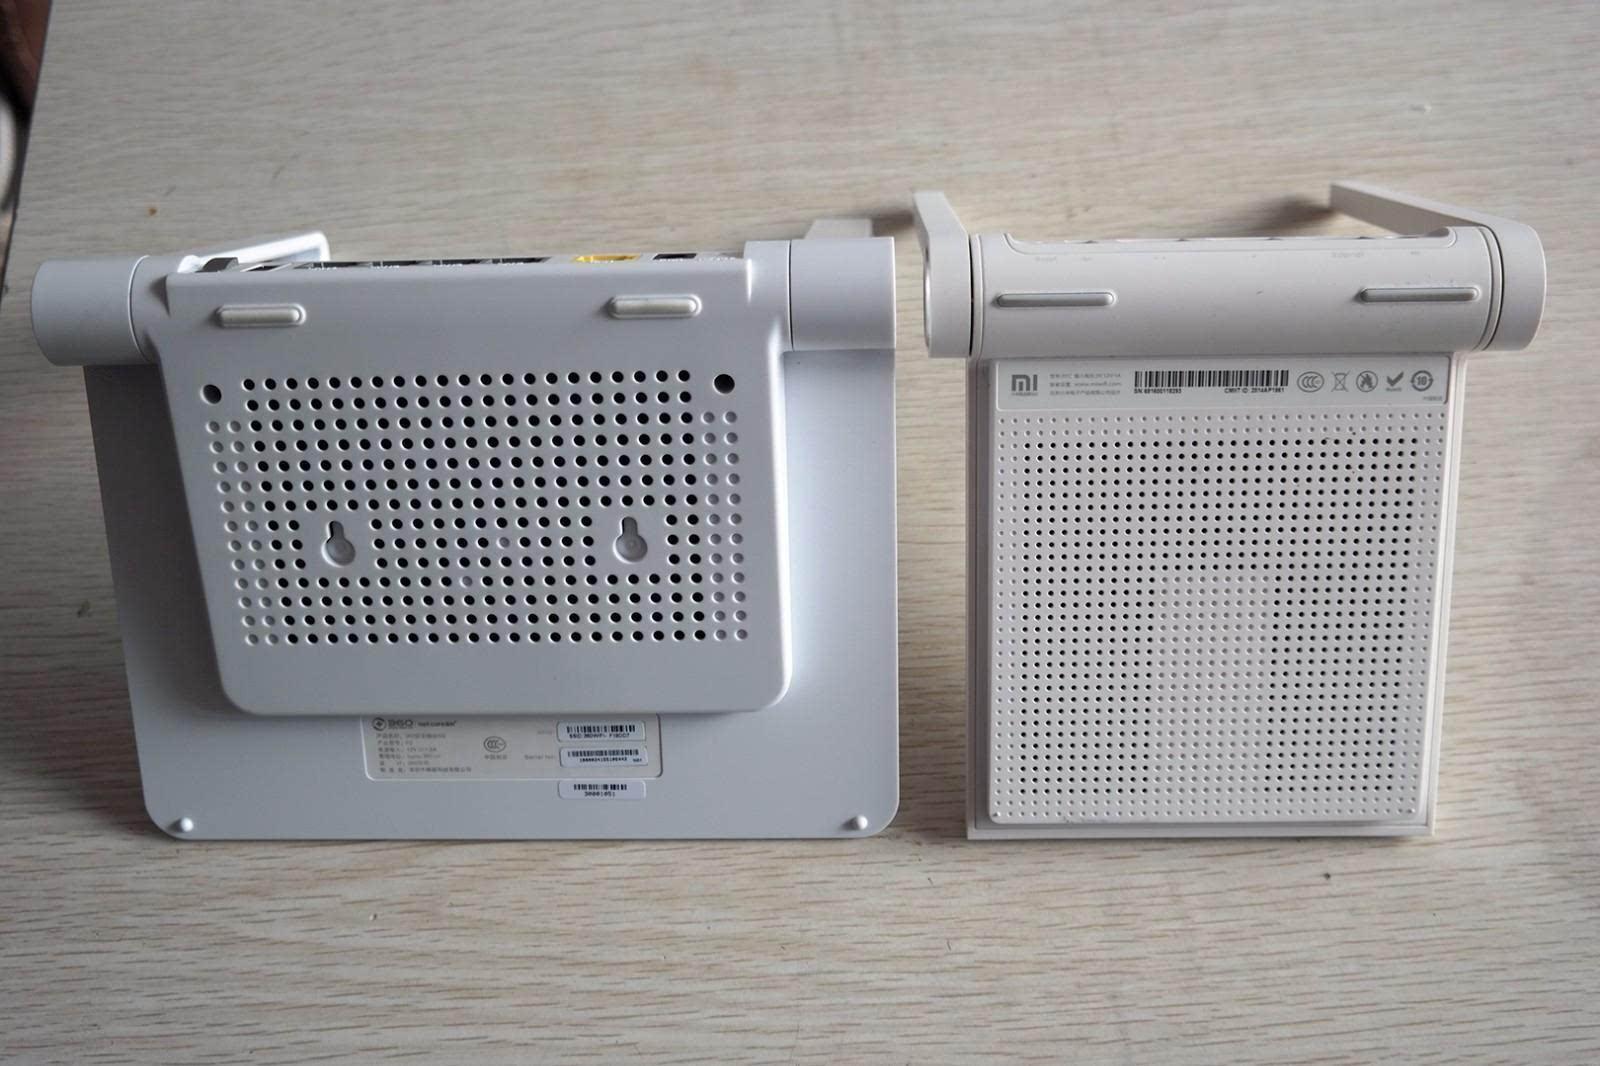 电源适配器和小米路由mini的对比